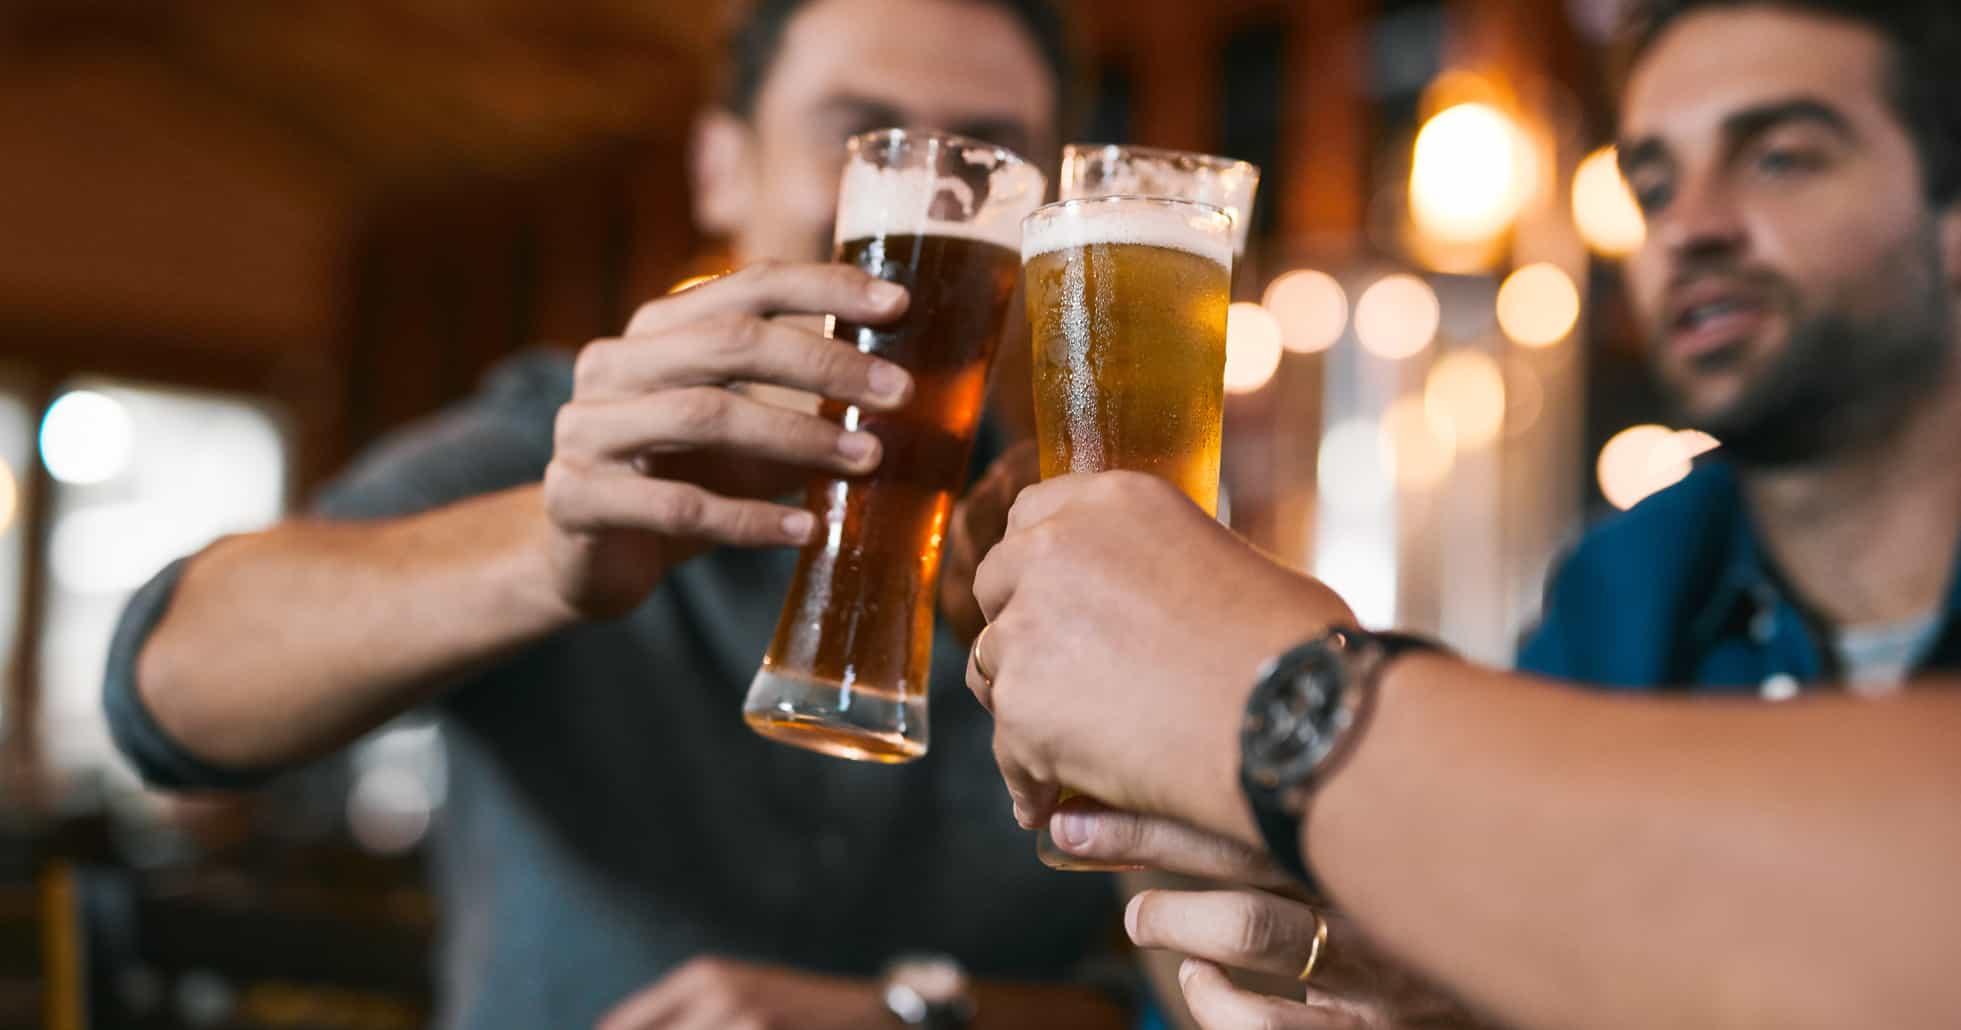 Mercado cervejeiro novas estratégias de posicionamento de marca